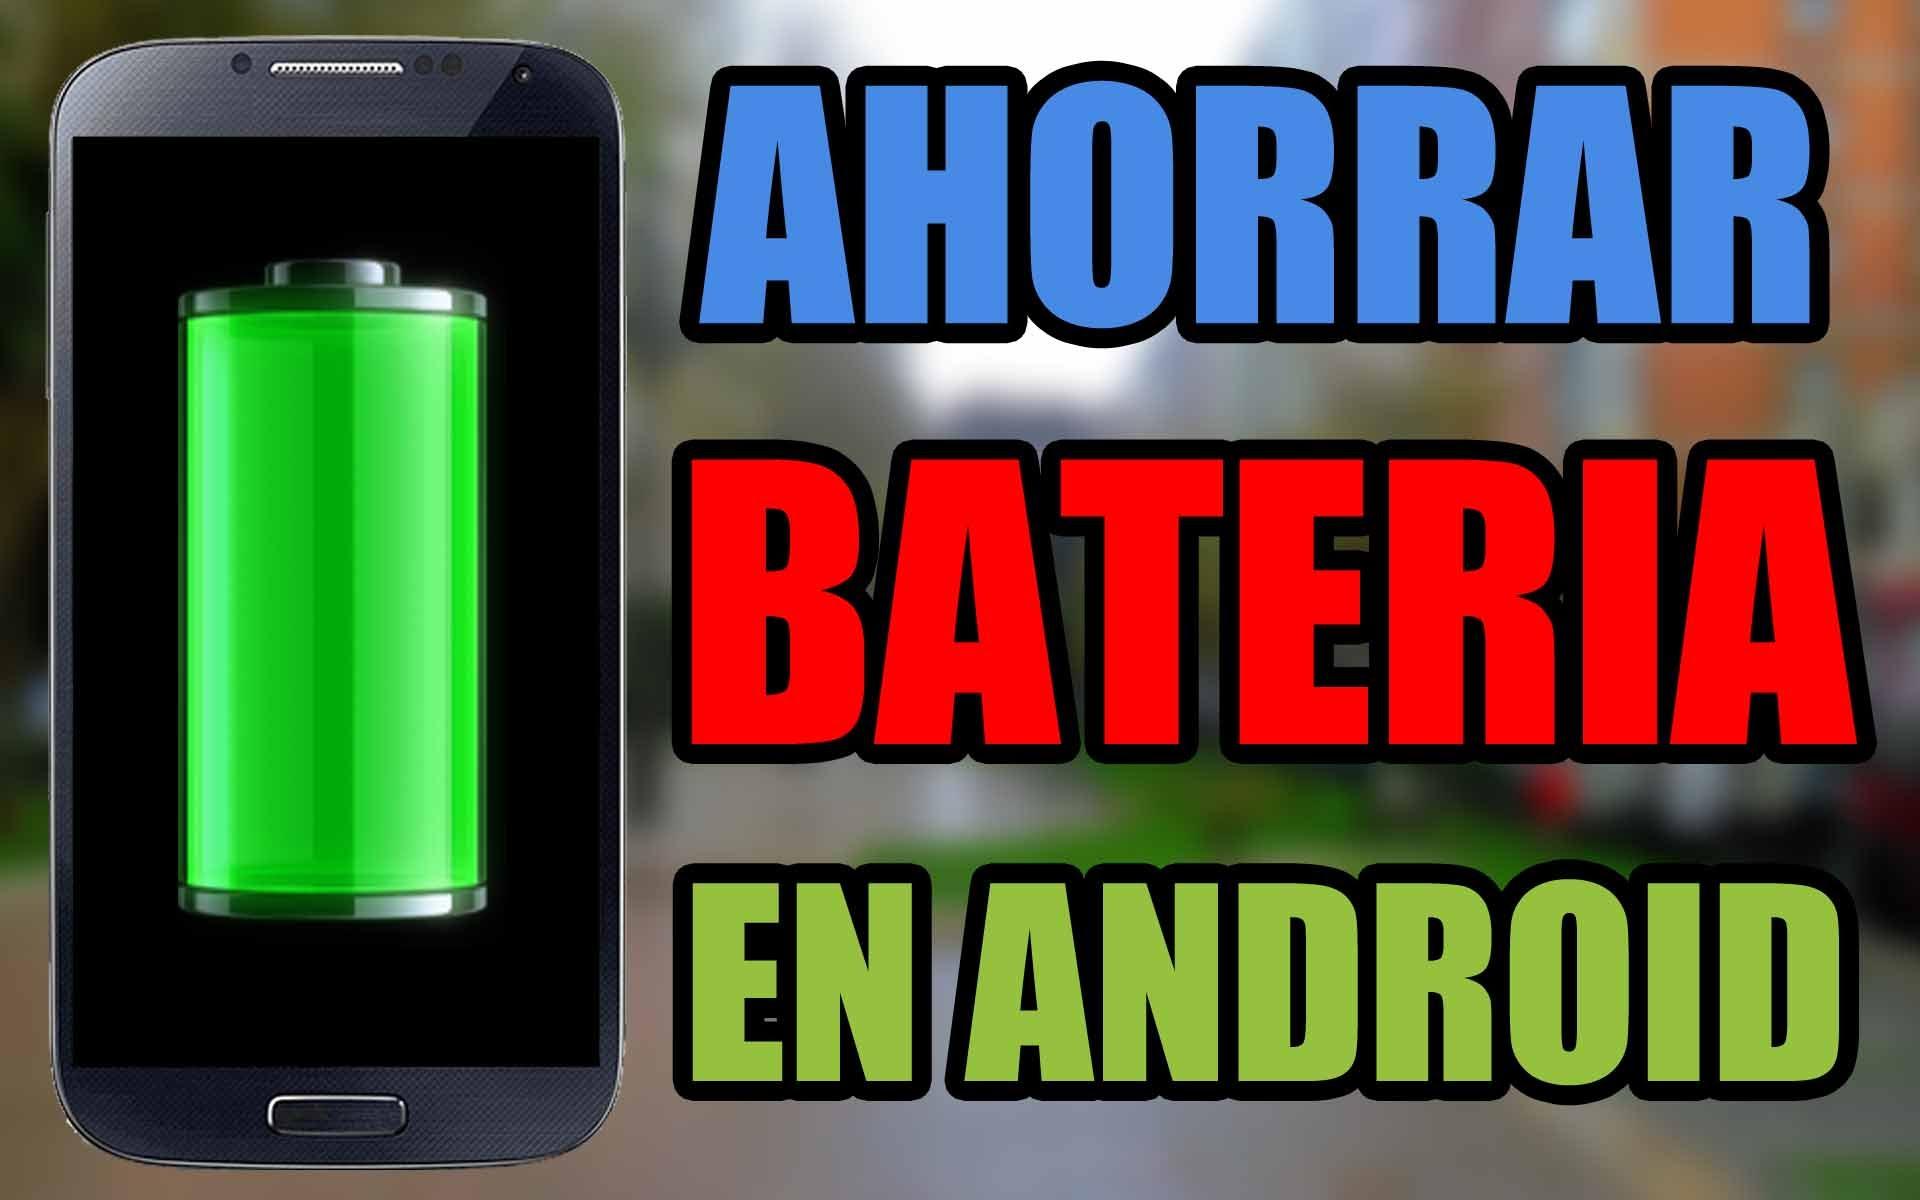 Cómo ahorrar batería en un celular Android sin aplicaciones